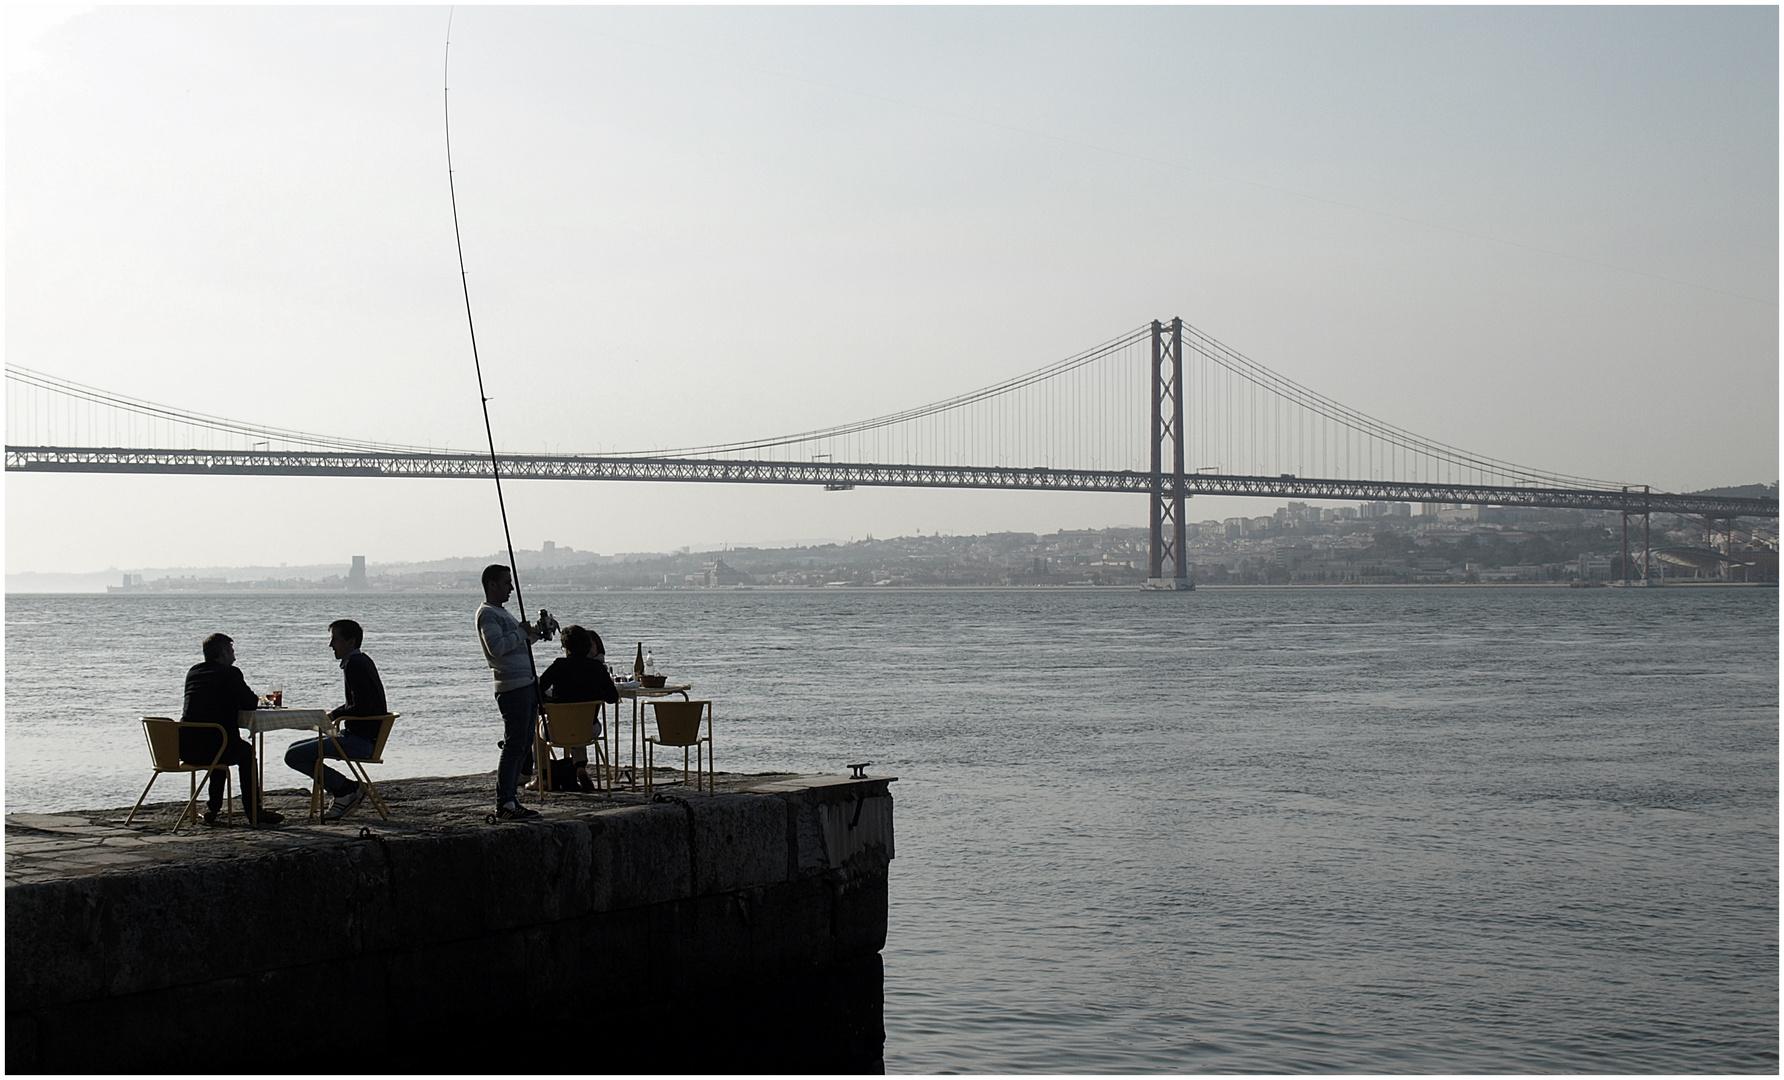 Lissabon I - Wide World